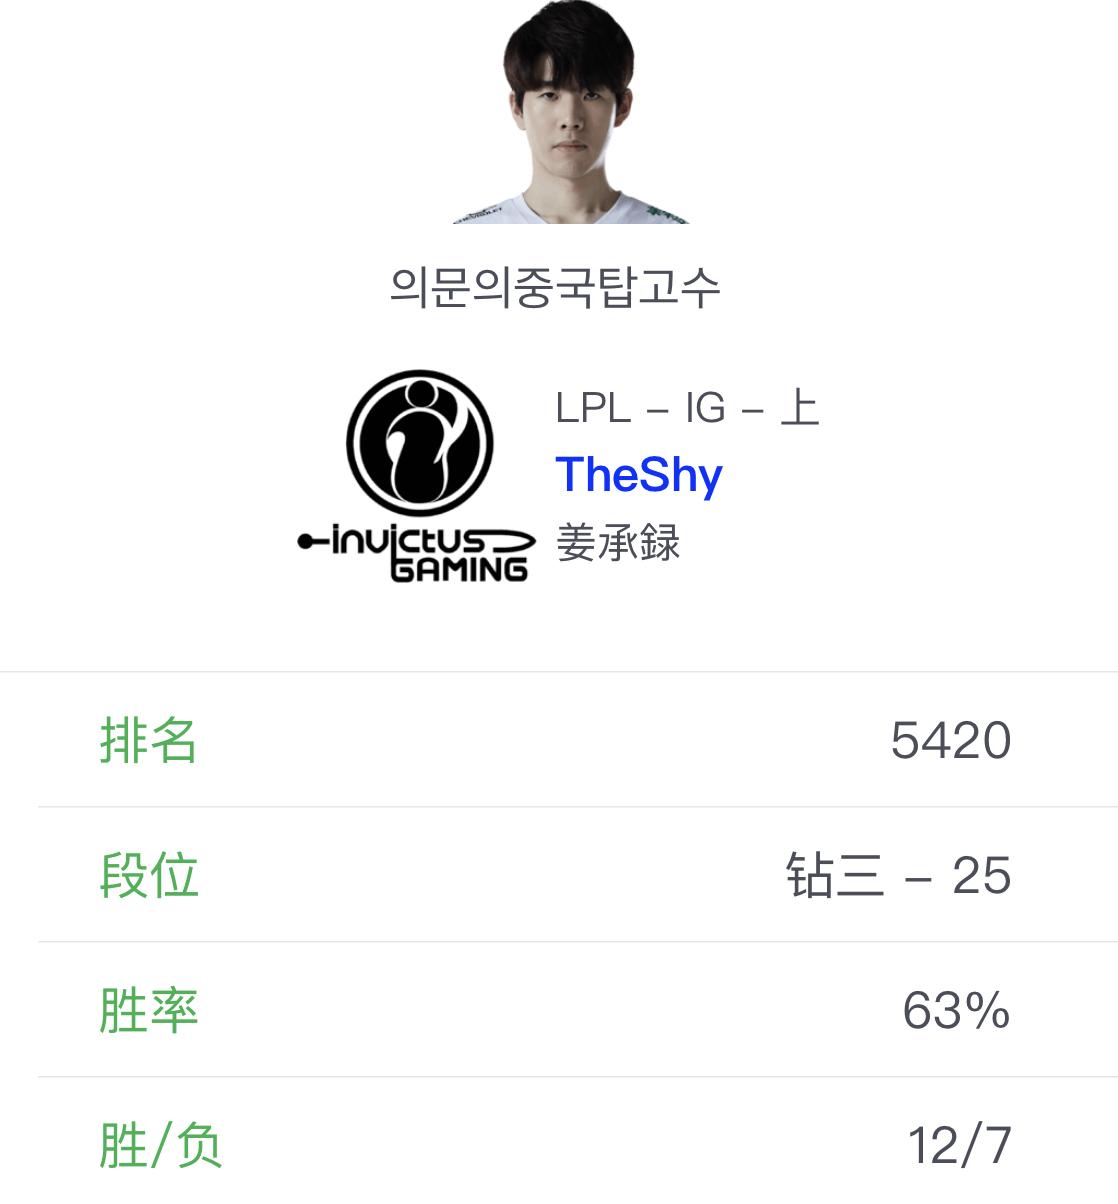 《【煜星娱乐官方登录平台】TheShy终于要想通了?韩服更改神秘新ID,开始疯狂玩战士英雄了》